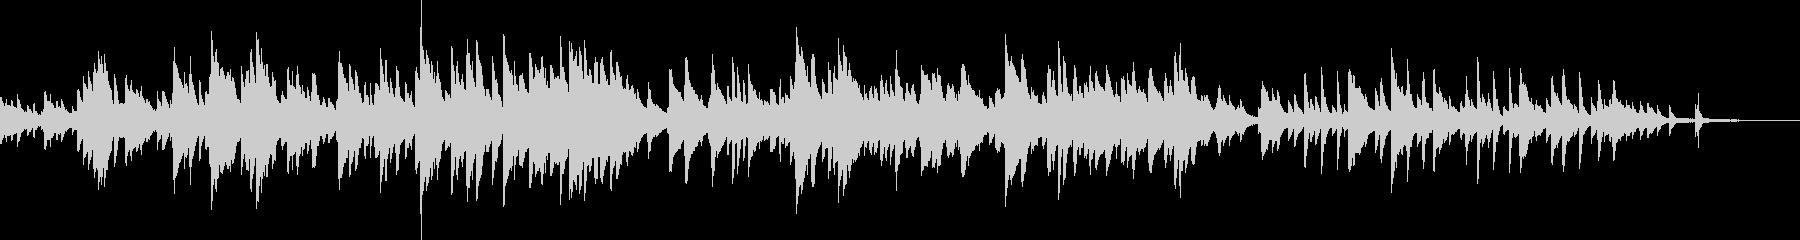 繊細で美しい喜びのピアノBGMの未再生の波形